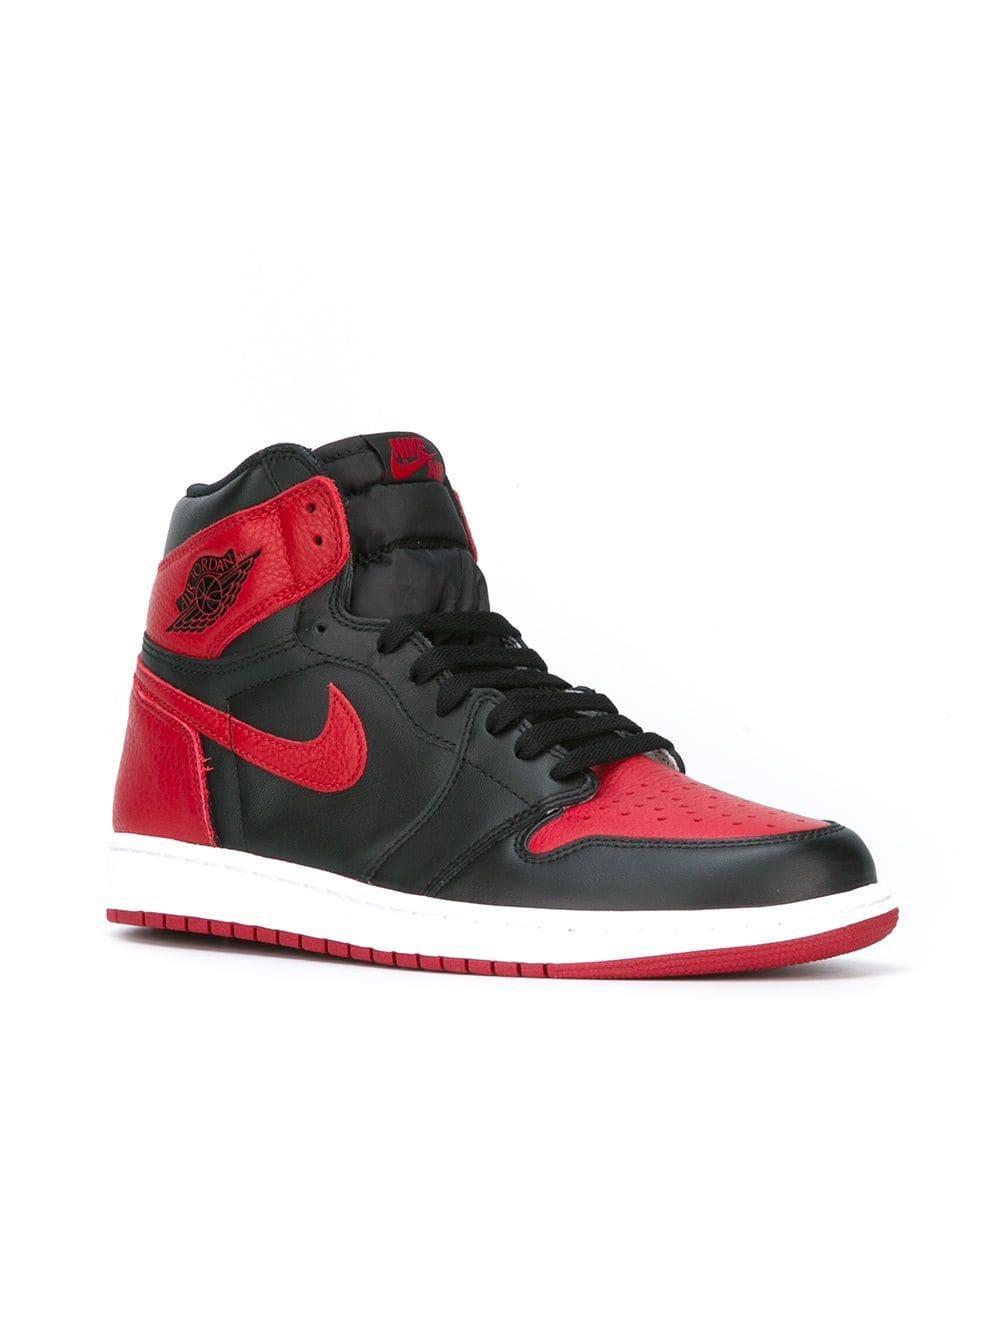 e0f5ba043f093d Nike Air Jordan 1 Retro High Og Banned Sneakers in Red for Men - Lyst